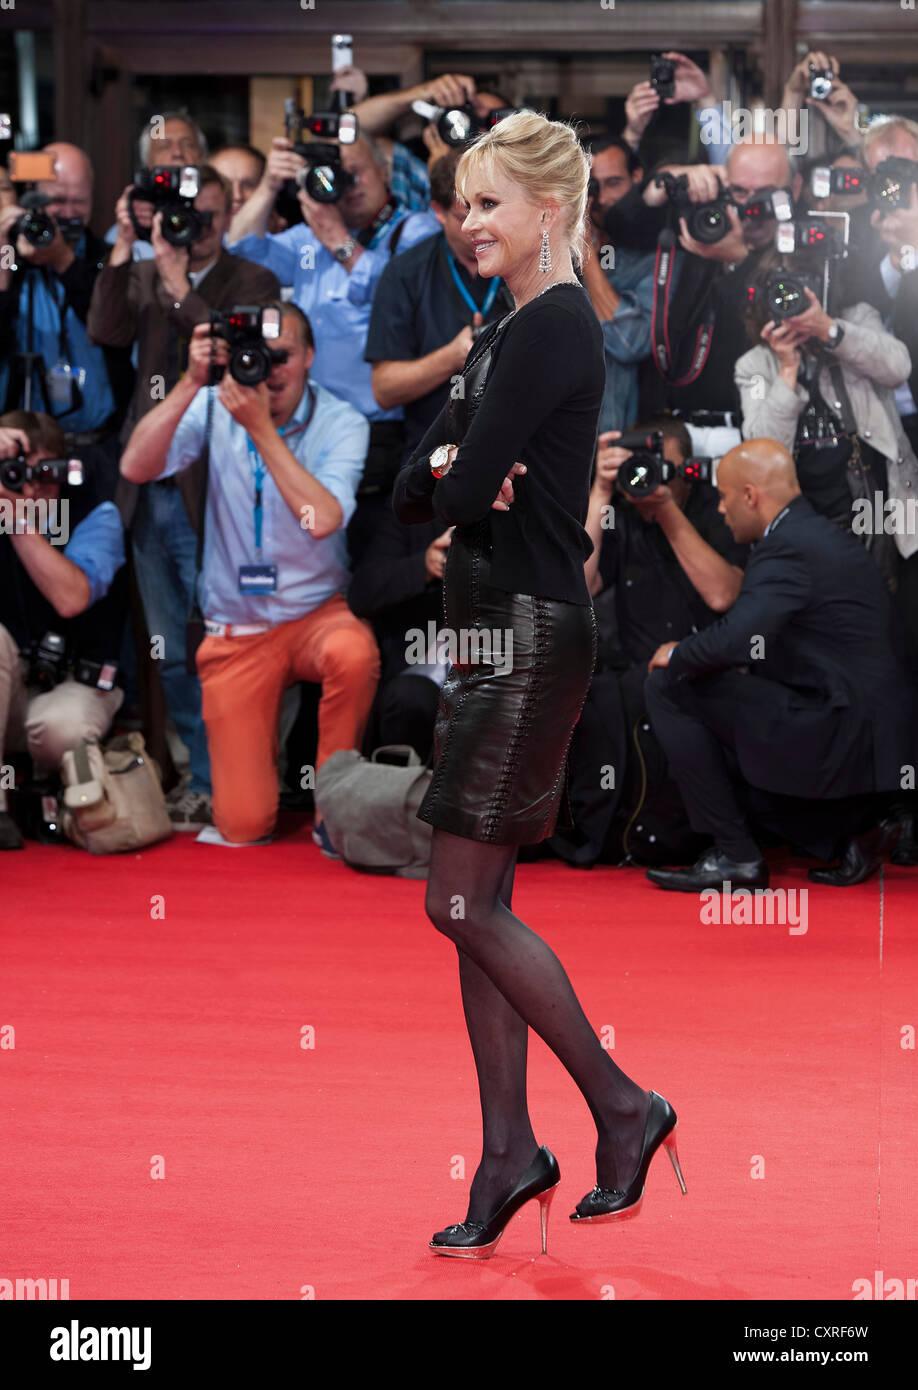 Schauspielerin Melanie Griffith auf dem roten Teppich beim Filmfest in München, Bayern, Deutschland, Europa Stockbild